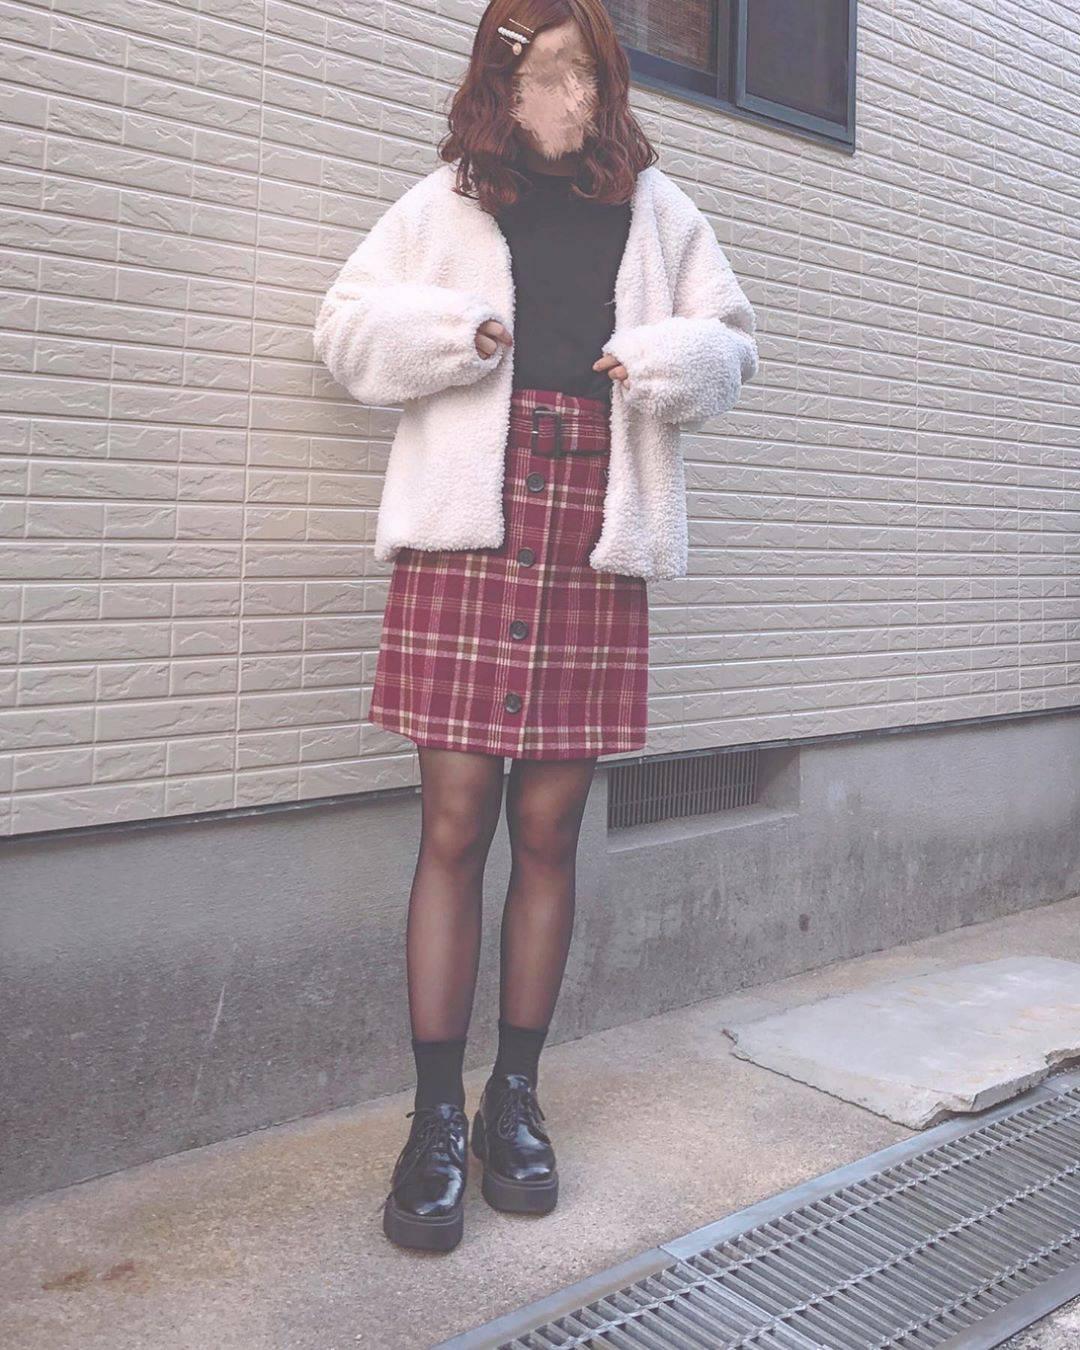 最高気温7度・最低気温4度 flower_22227の服装